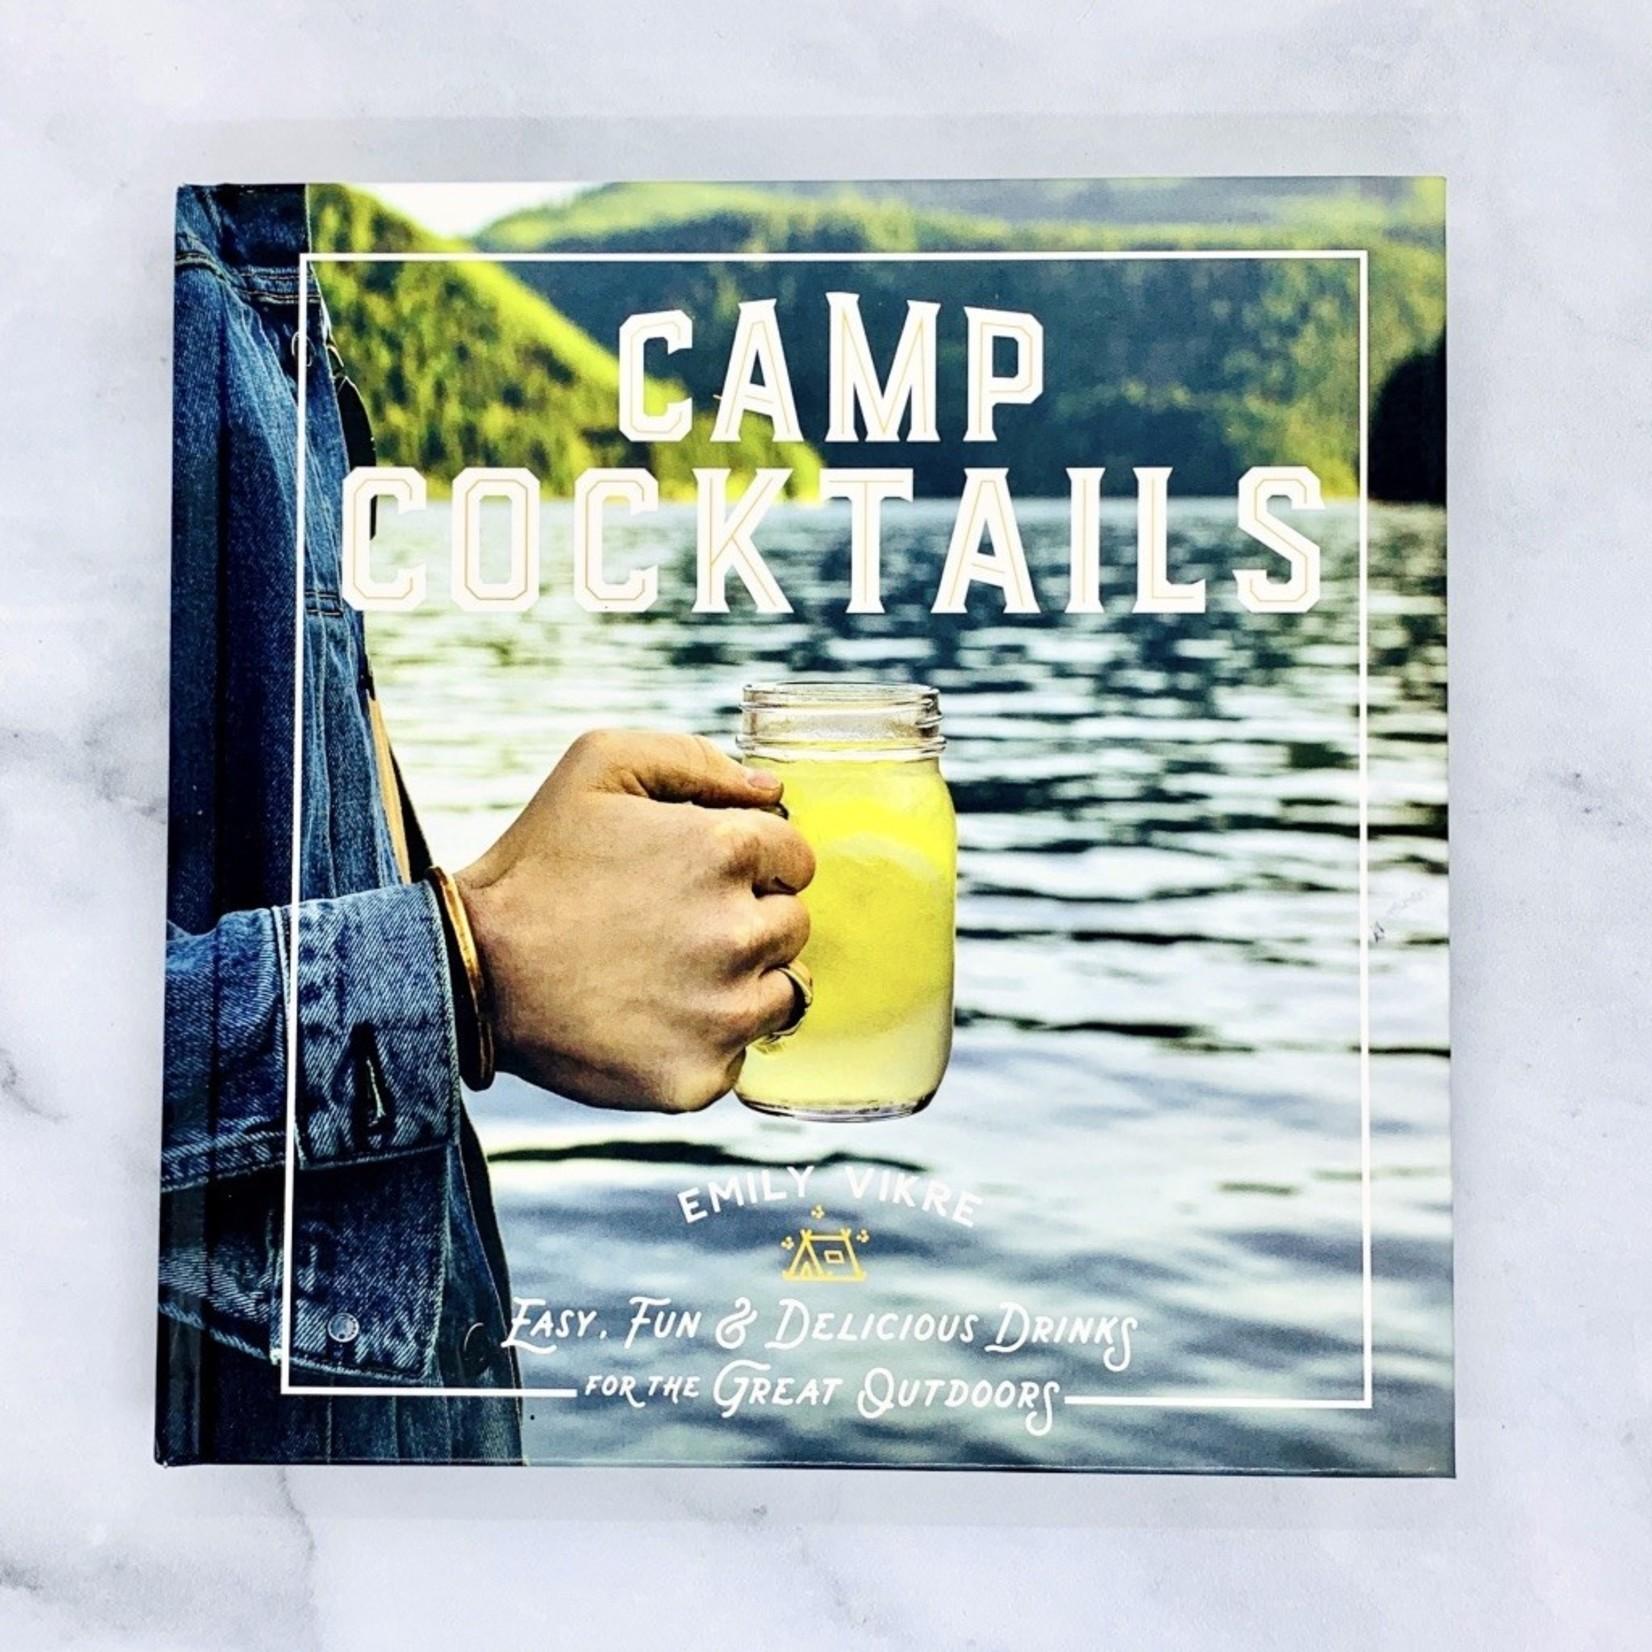 Camp Cocktails